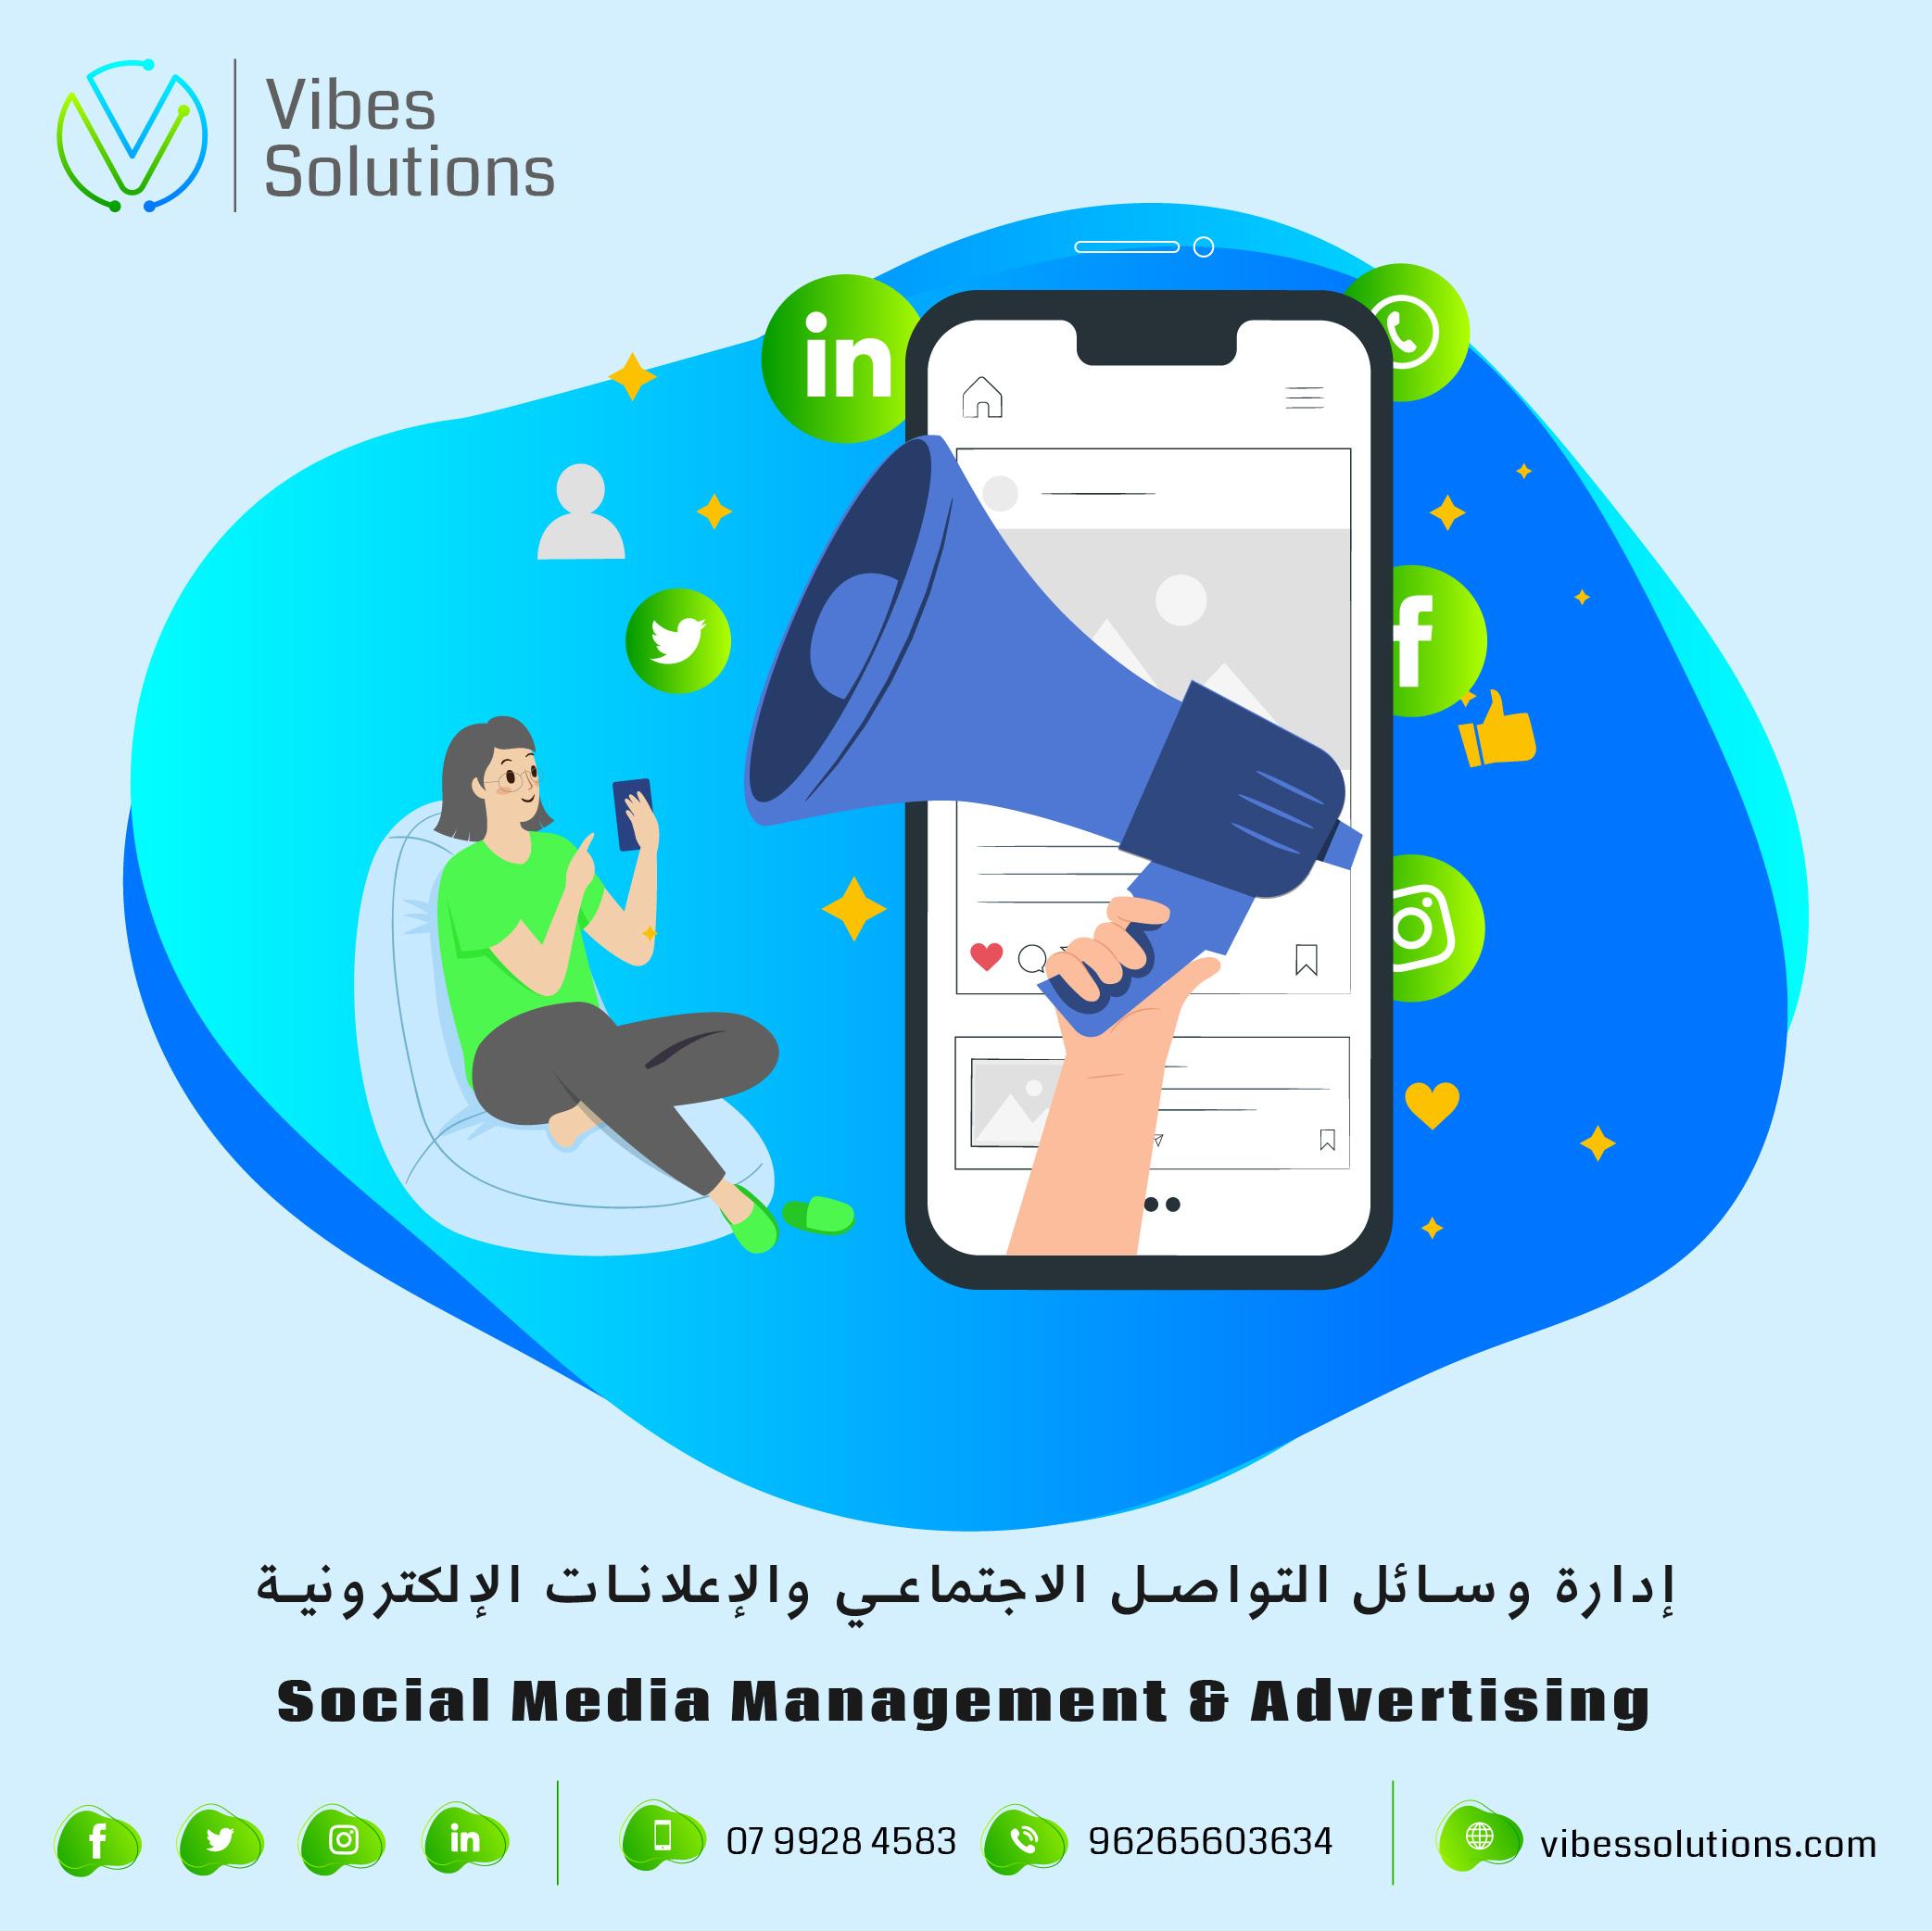 إدارة وسائل التواصل الاجتماعي والإعلانات الإلكترونية